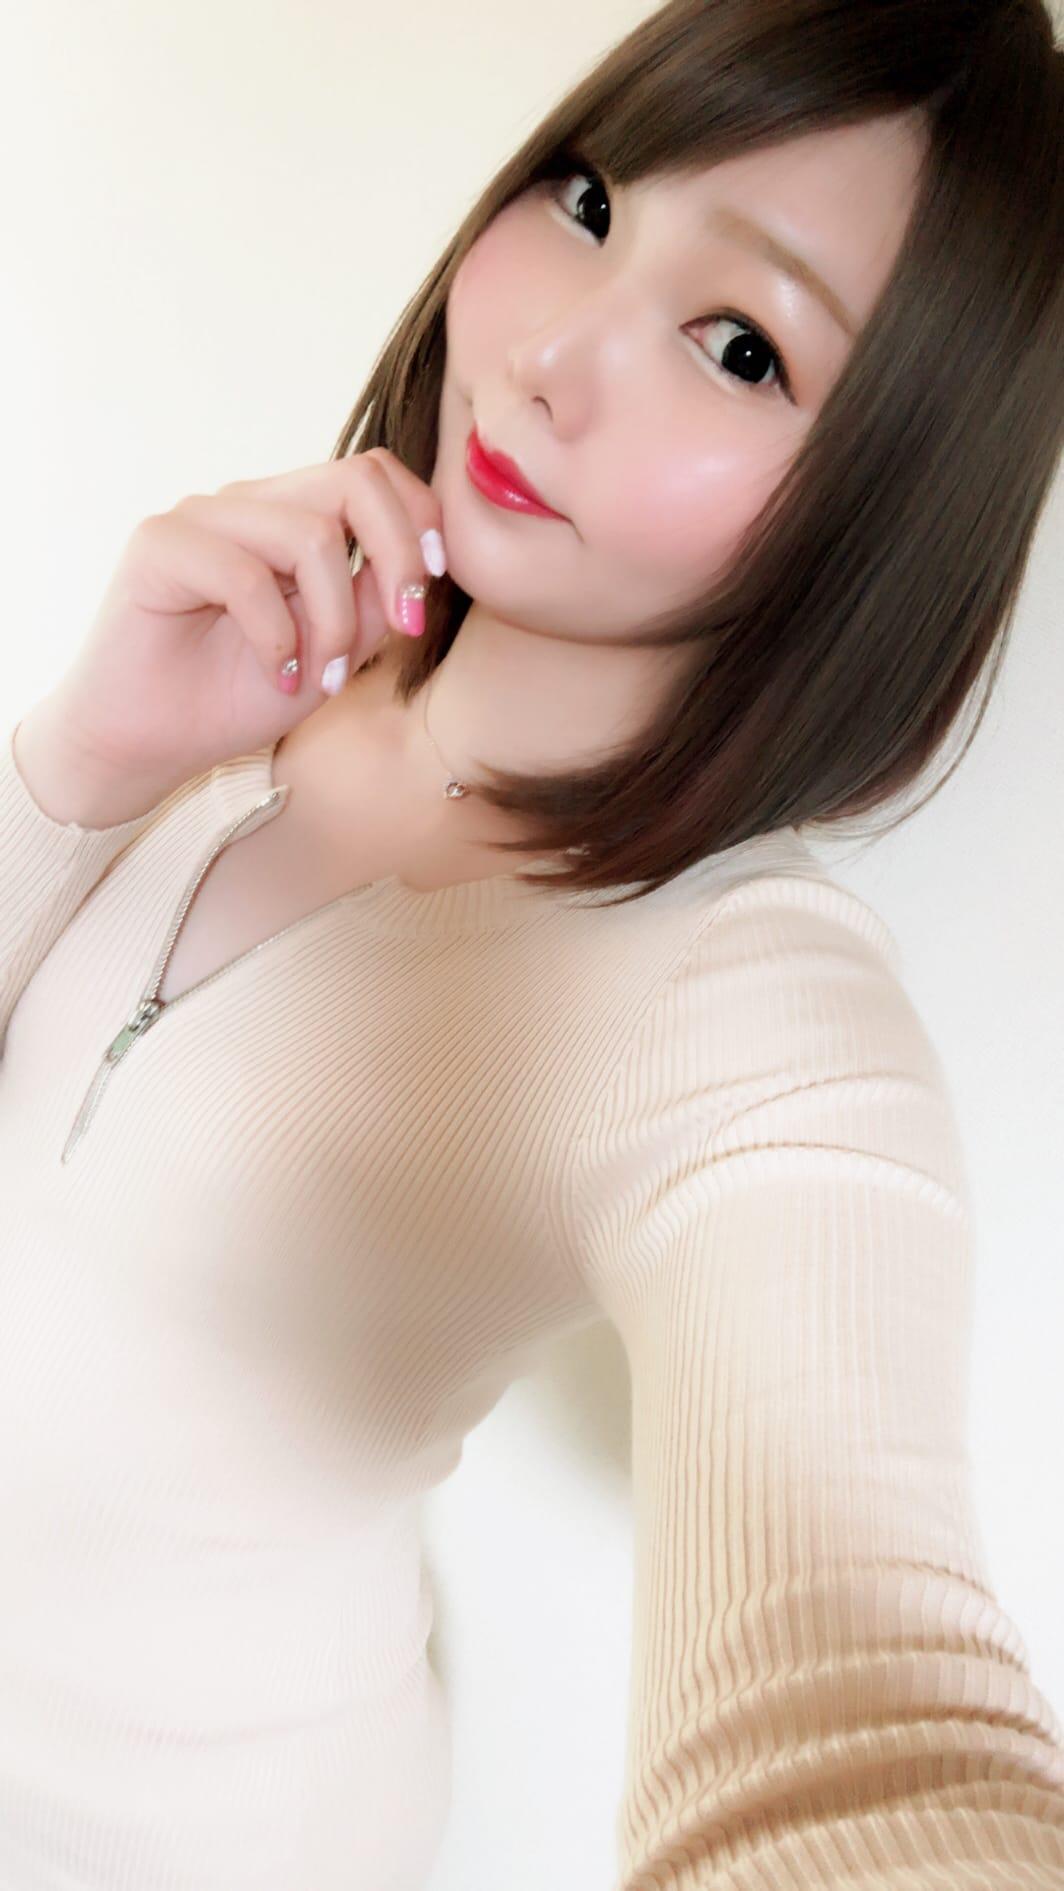 「早速(*)」01/18(01/18) 13:18 | 増田ゆめの写メ・風俗動画